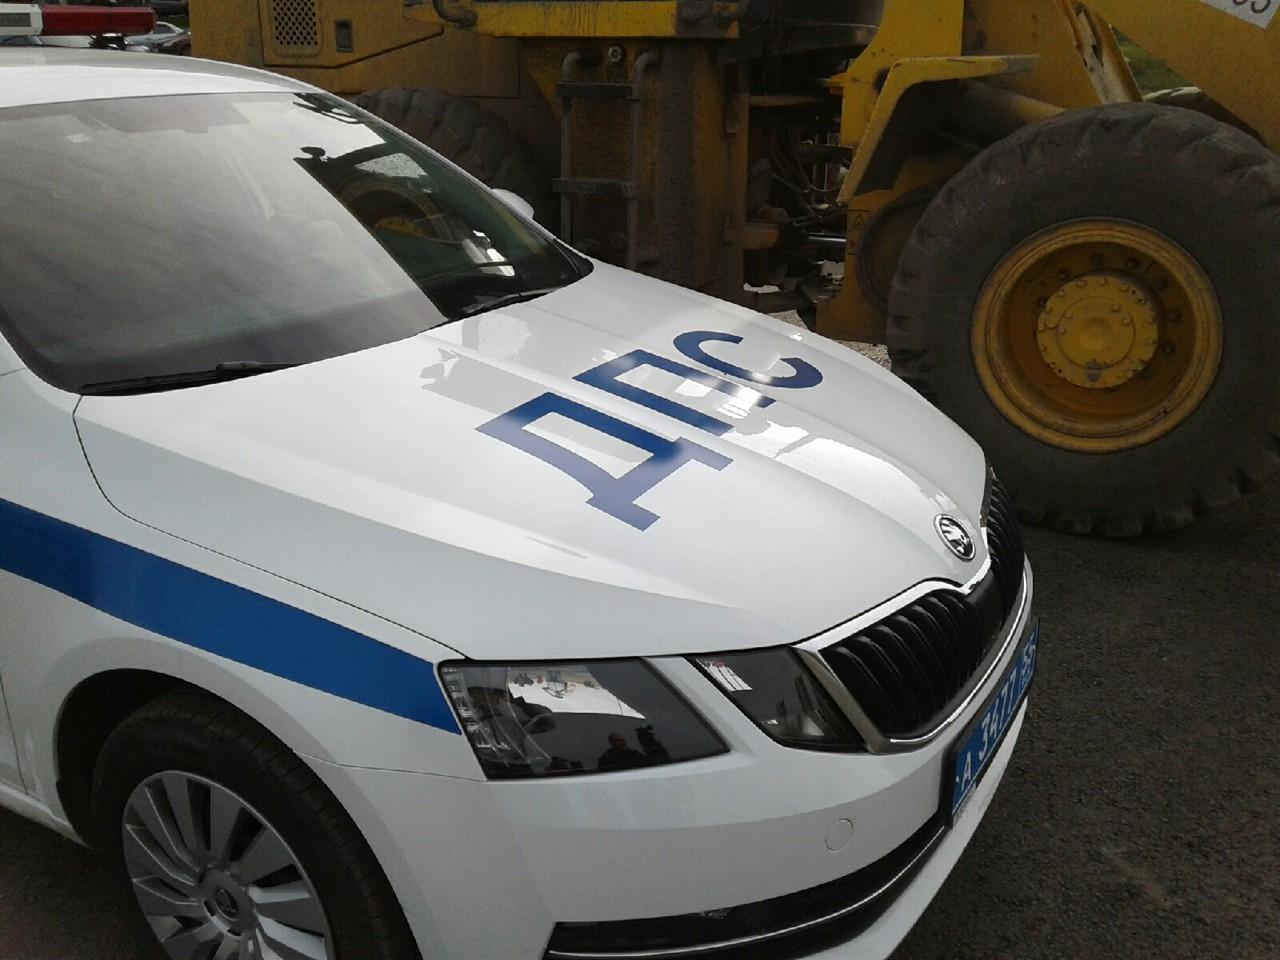 В Омске водитель сбил двух пешеходов и скрылся #Омск #Общество #Сегодня